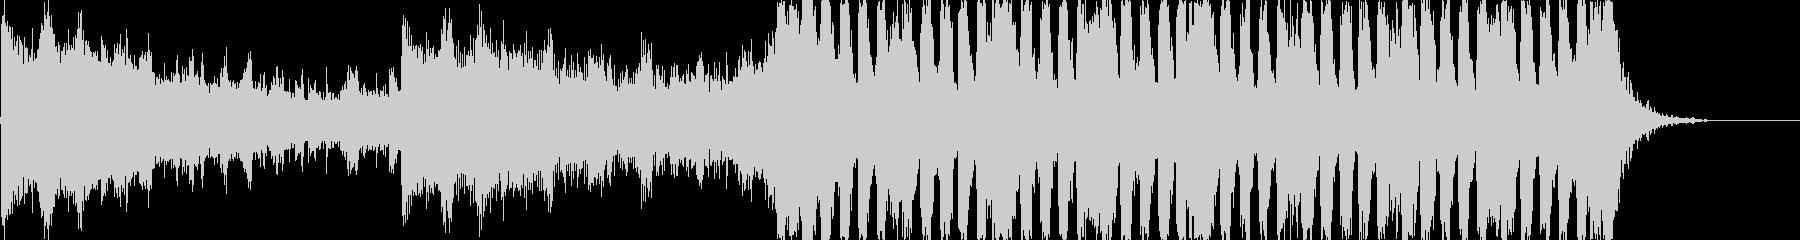 躍動的なストリングス 予告編音楽の未再生の波形